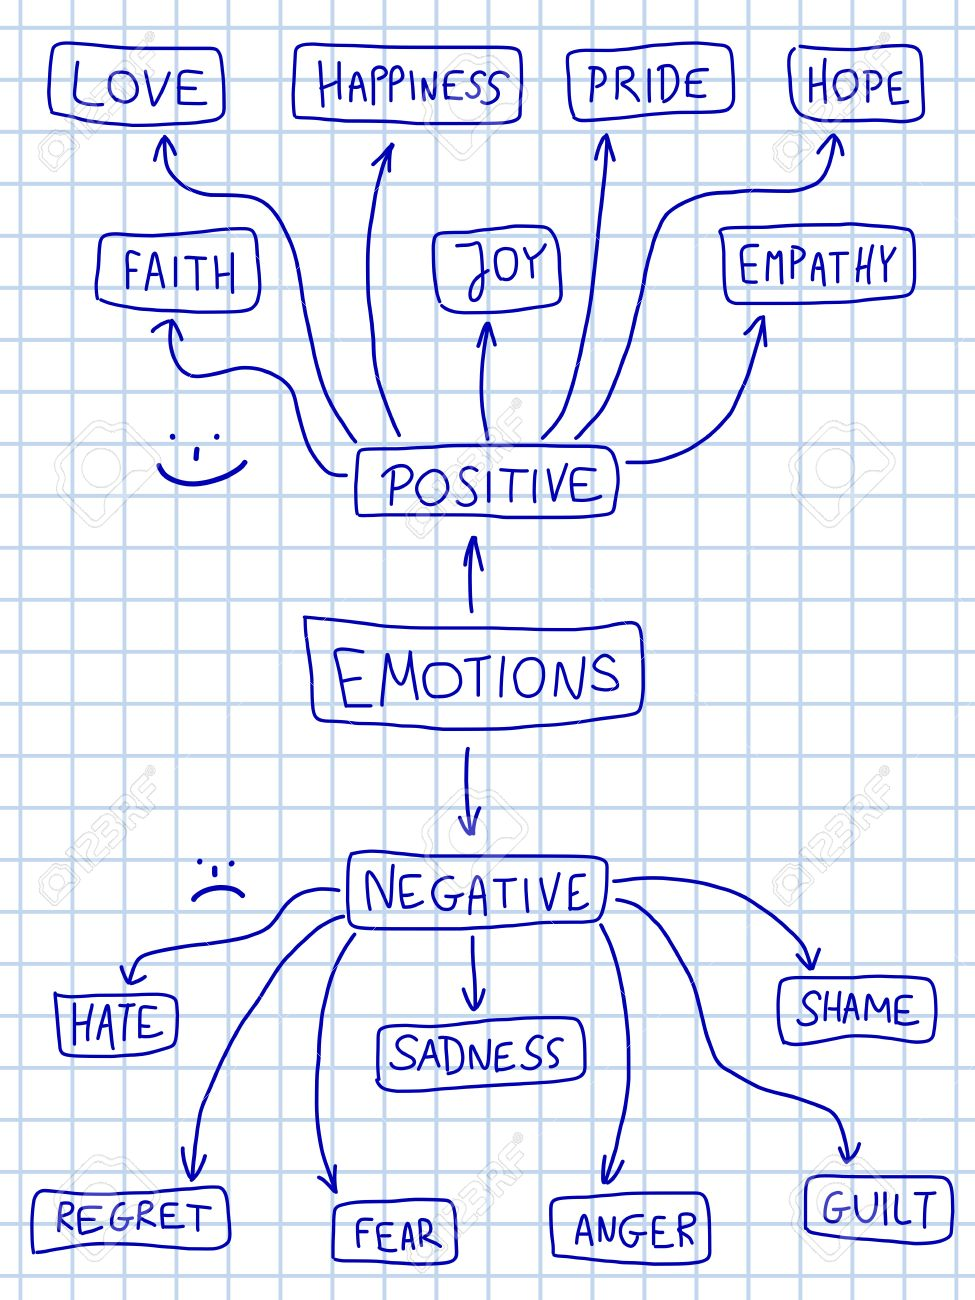 Mapa De Las Emociones.Emocion Humana Mapa Mental Emocional Garabato Grafico Con Varias Emociones Positivas Y Negativas